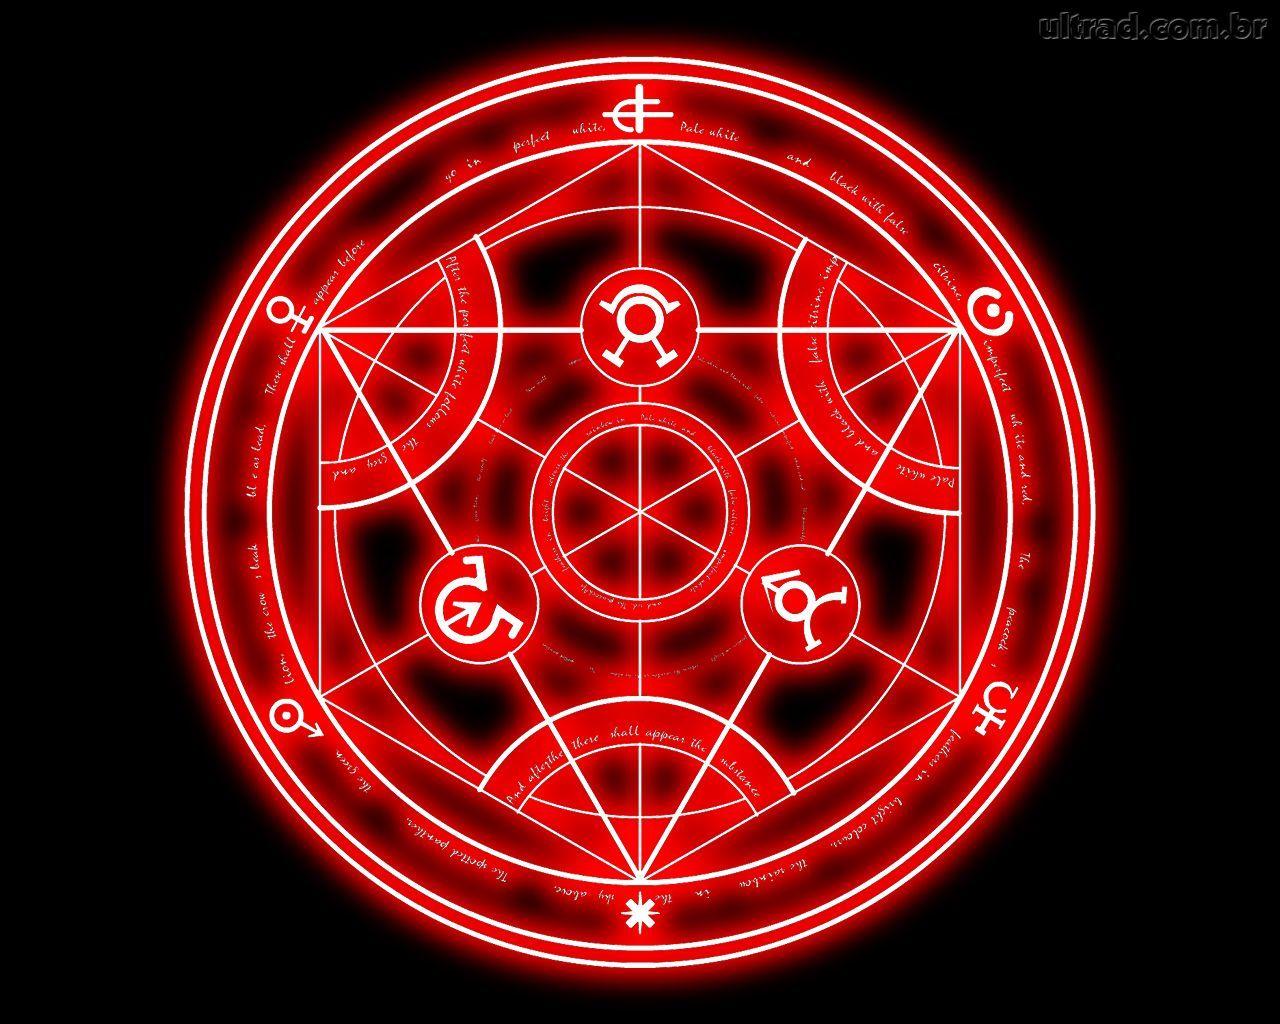 Animemanga Fulmetal Alchemist Brotherhood Transmutation Circle